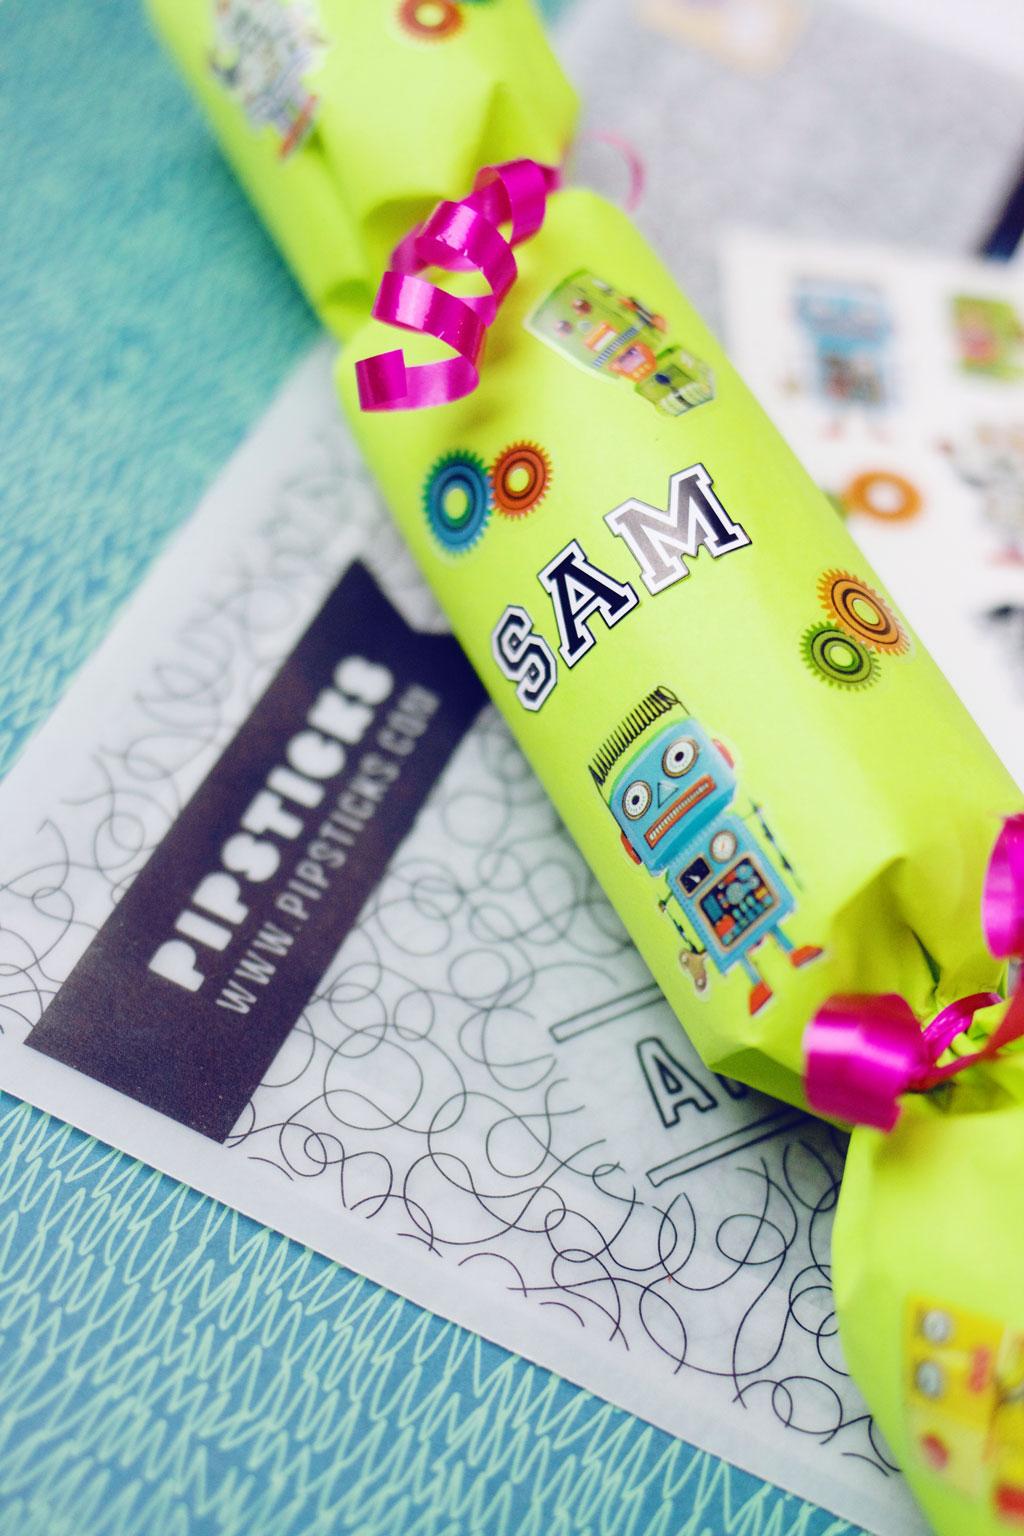 sticker-cracker-process_5